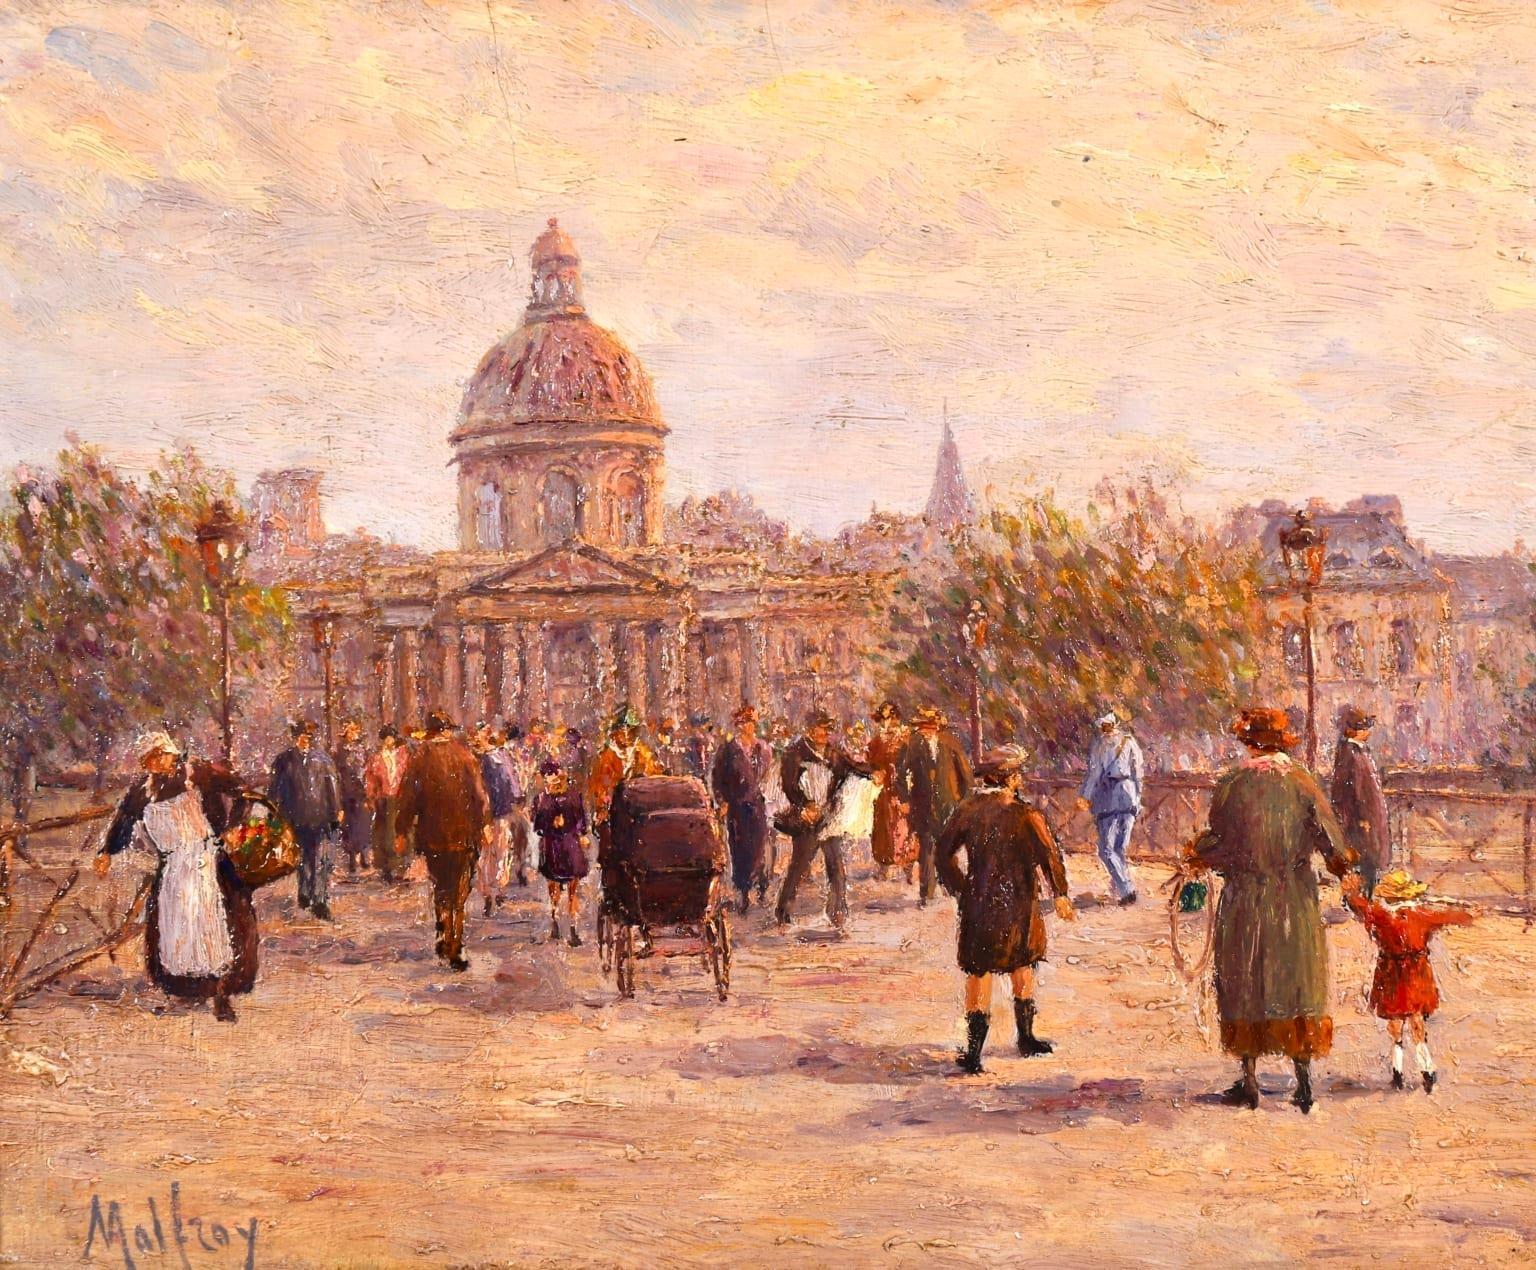 Le Pont des Arts - Paris - Post Impressionist Oil, Cityscape by Henry Malfroy